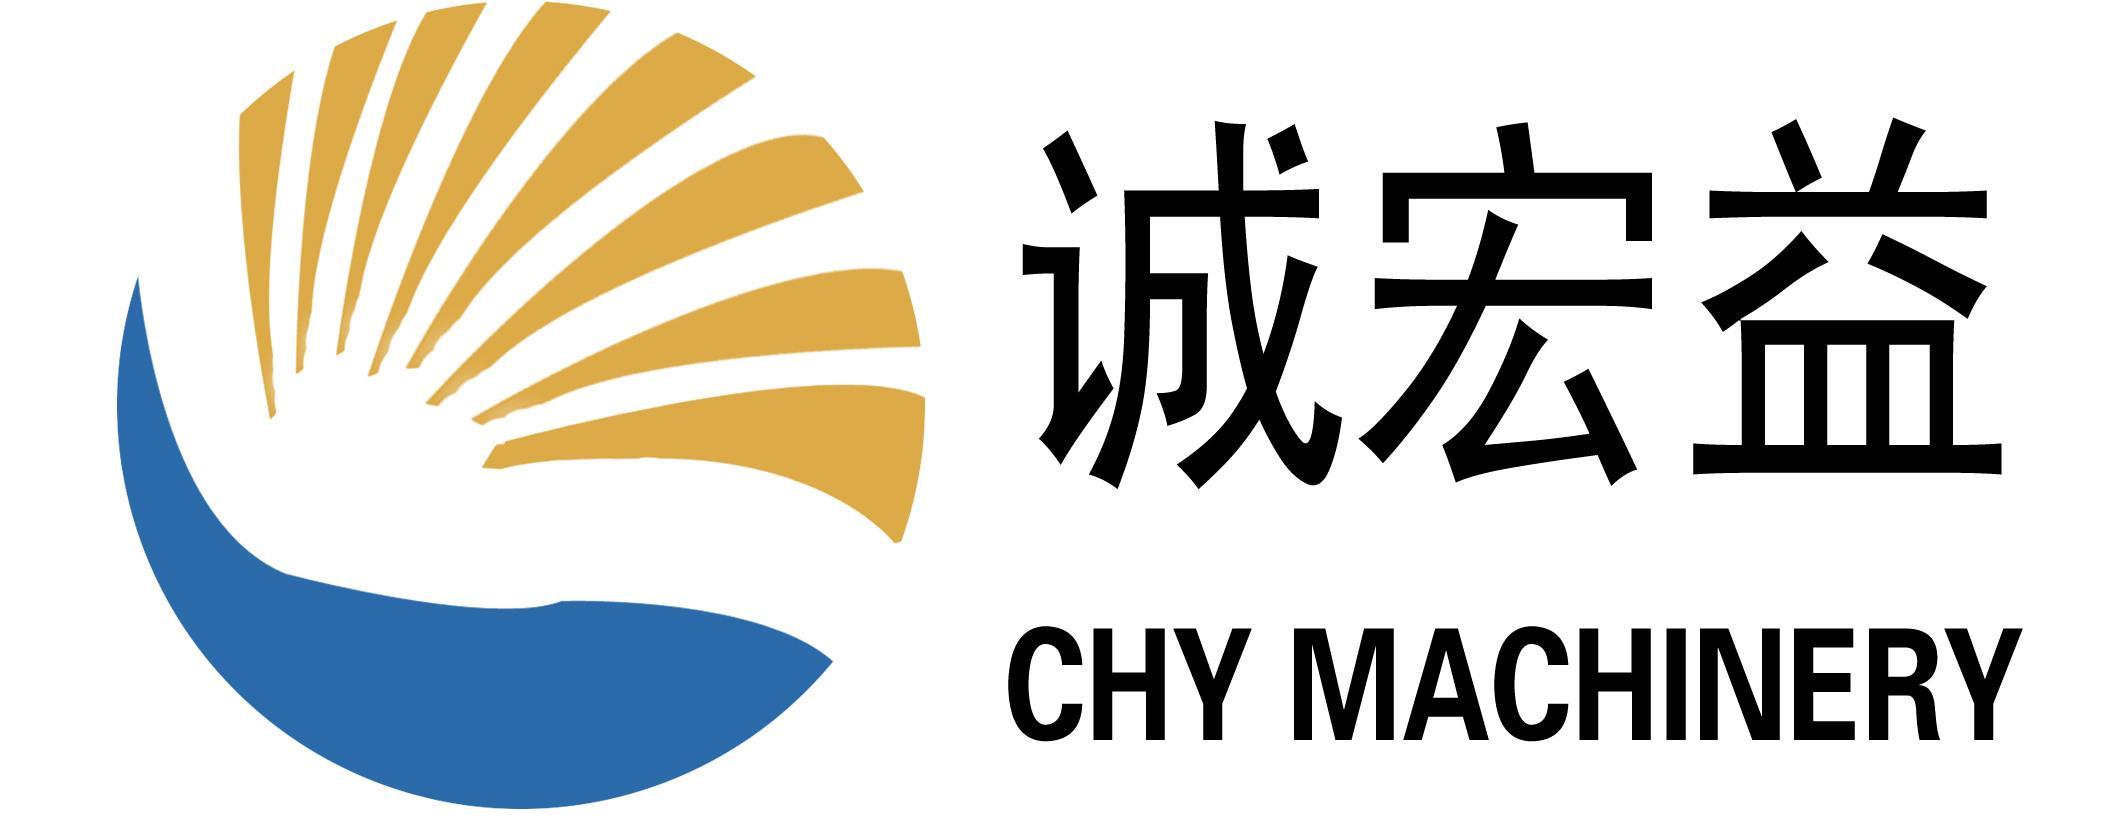 logo logo 标志 设计 矢量 矢量图 素材 图标 2126_824